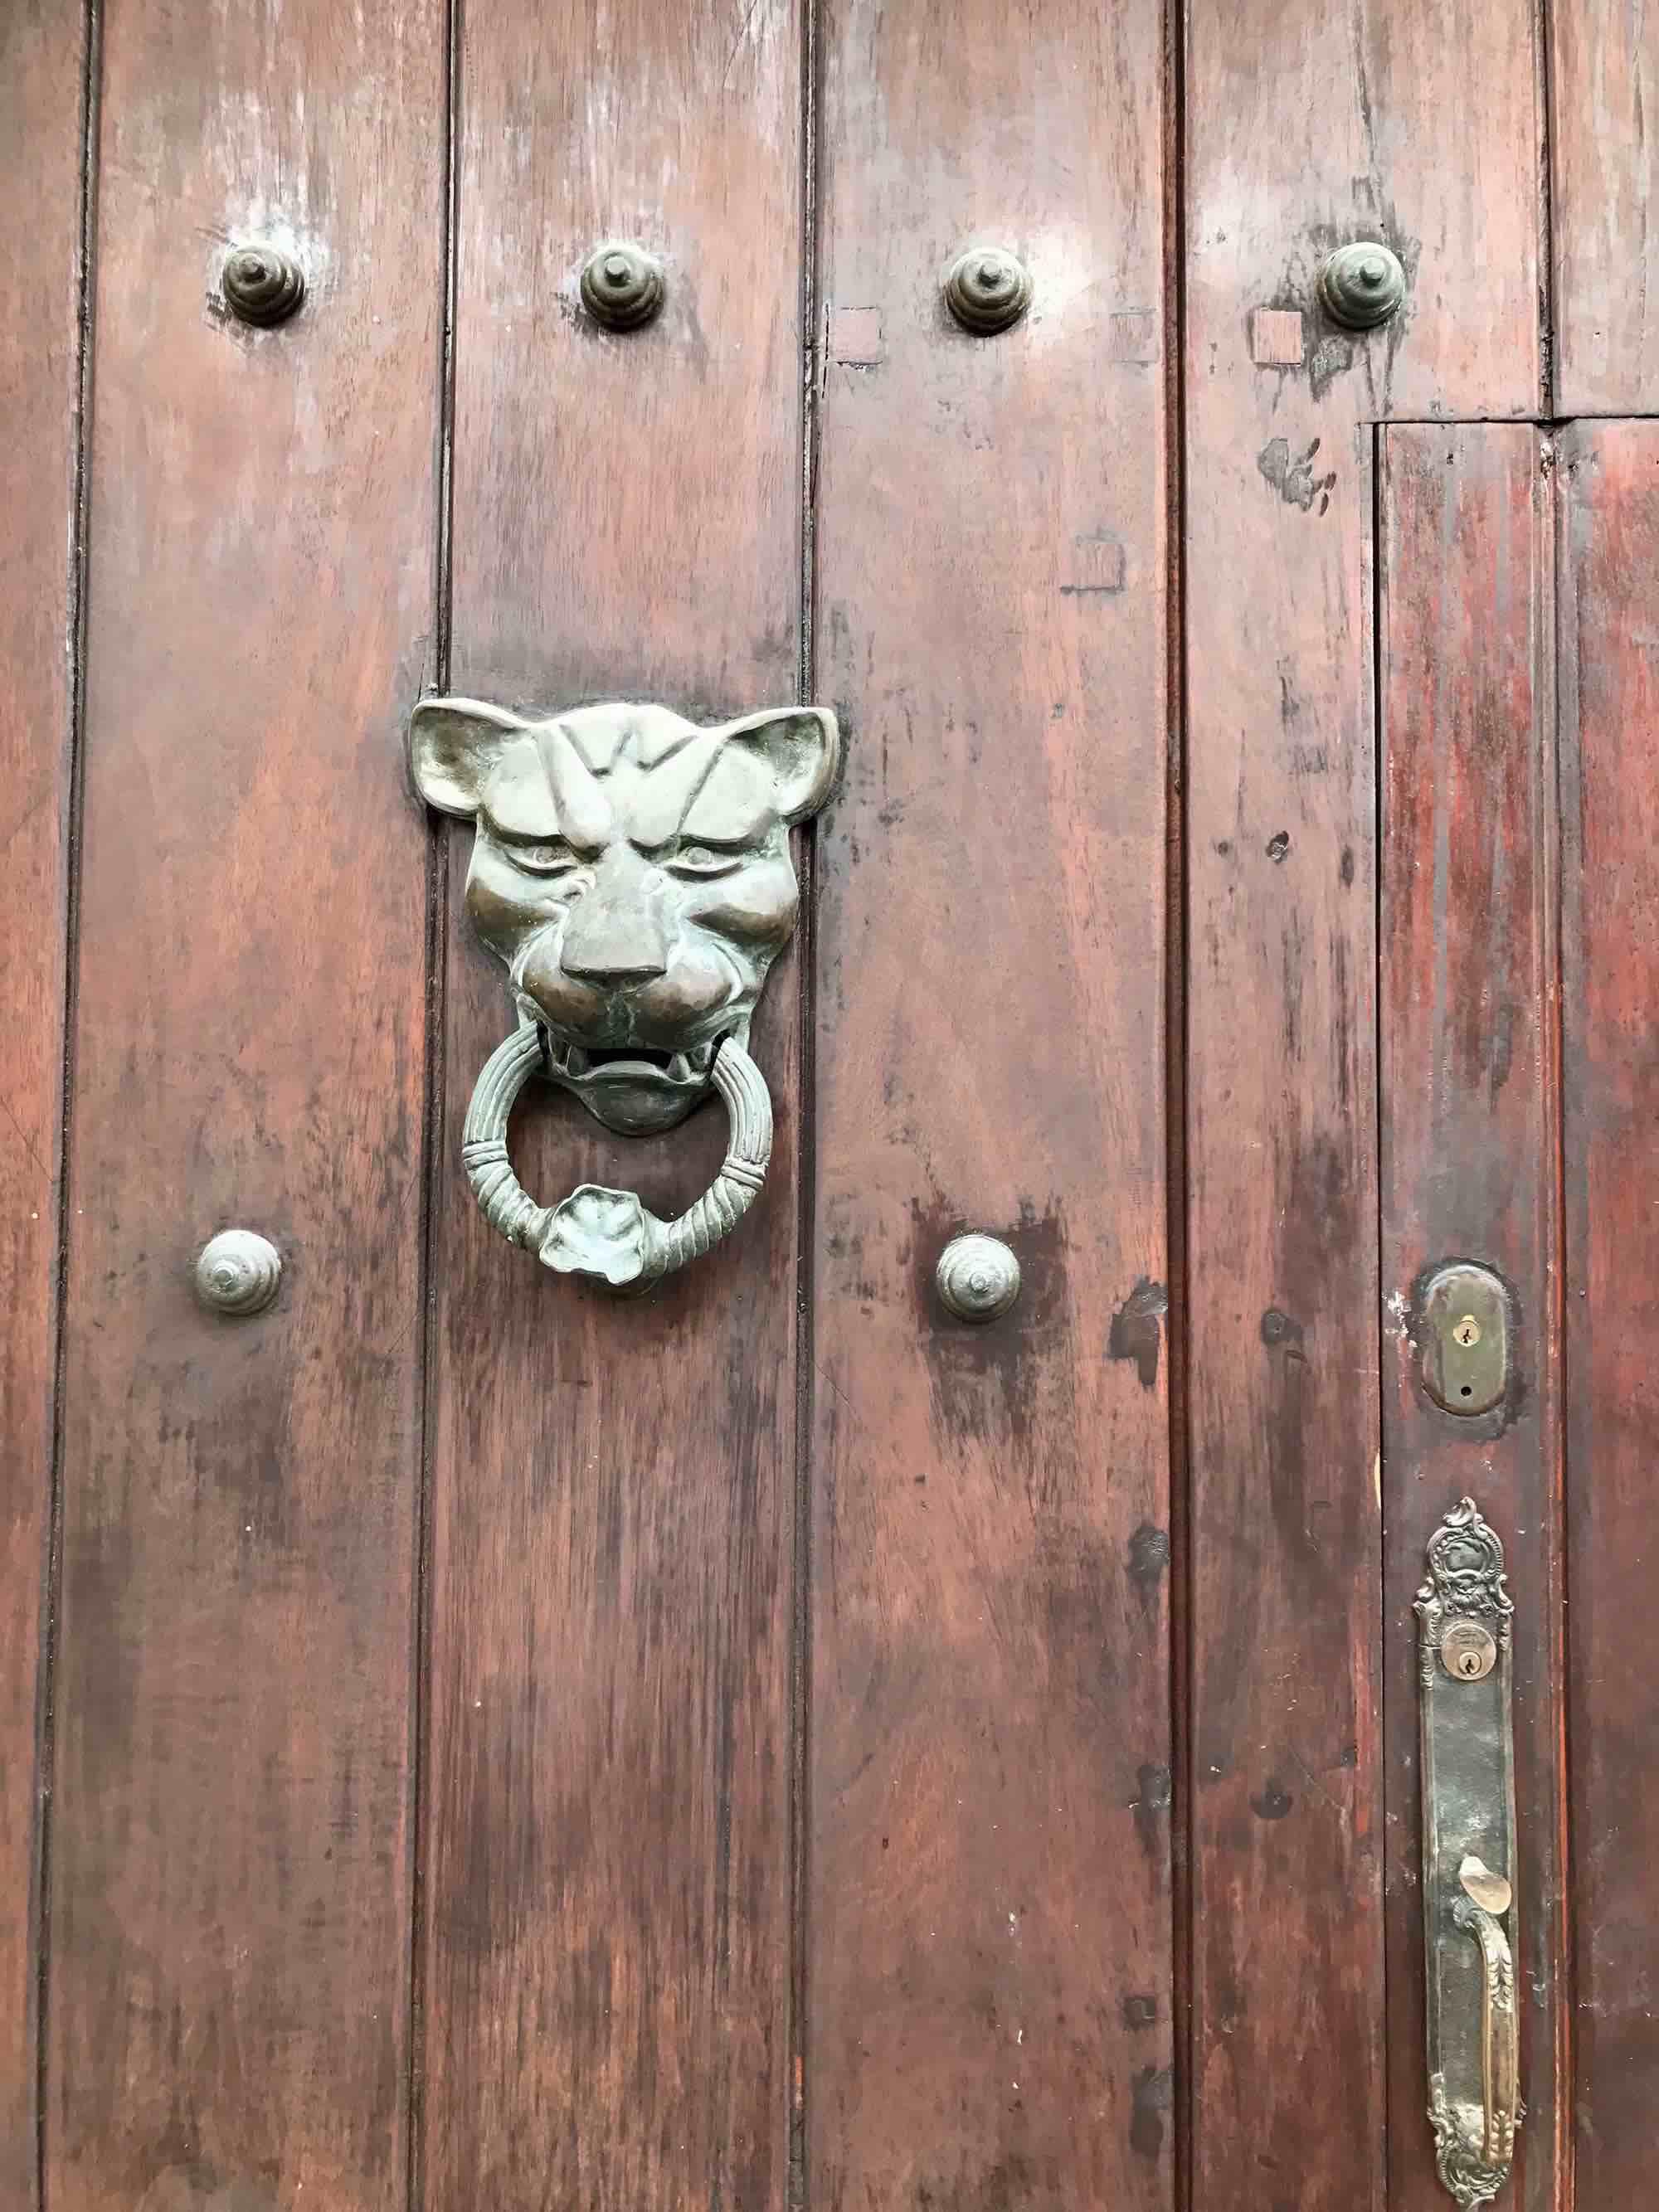 Lion door knocker | Doors and Door Knockers of Cartagena, Colombia | pictures of Cartagena, Colombia